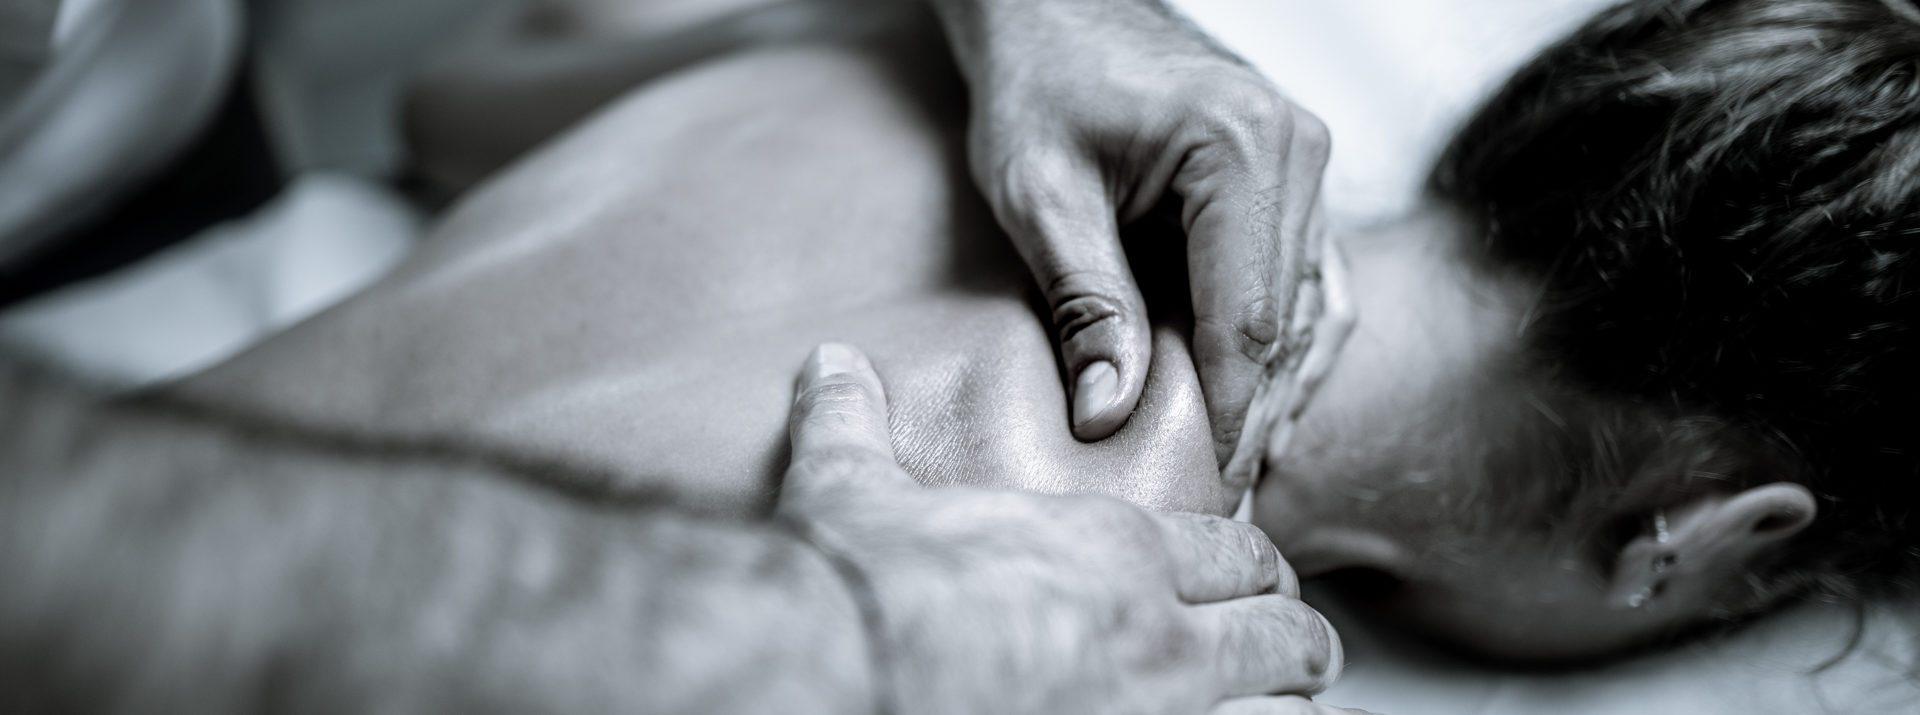 Efficaci trattamenti di Fisioterapia ad Avezzano